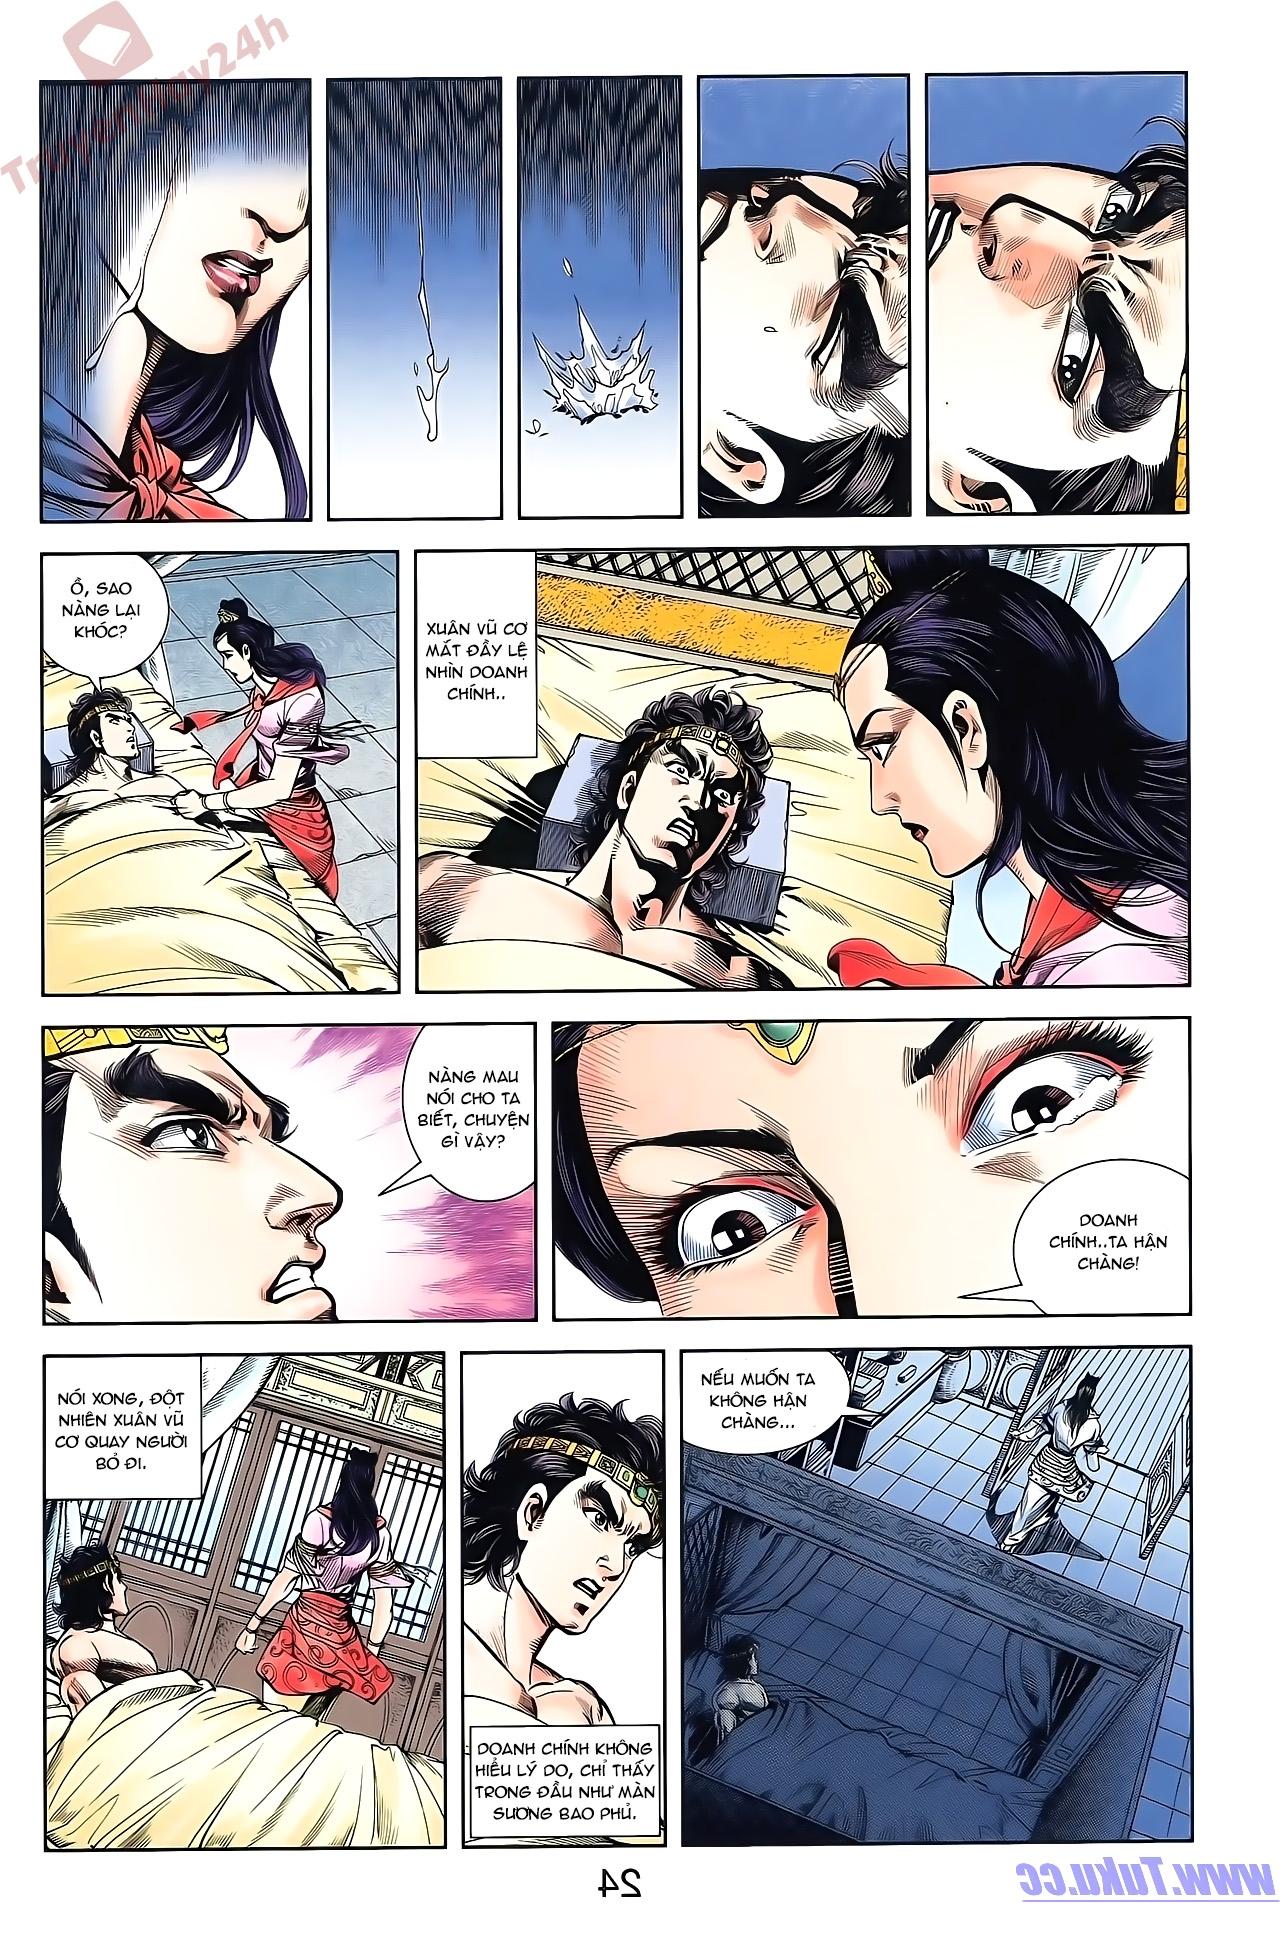 Tần Vương Doanh Chính chapter 50 trang 24